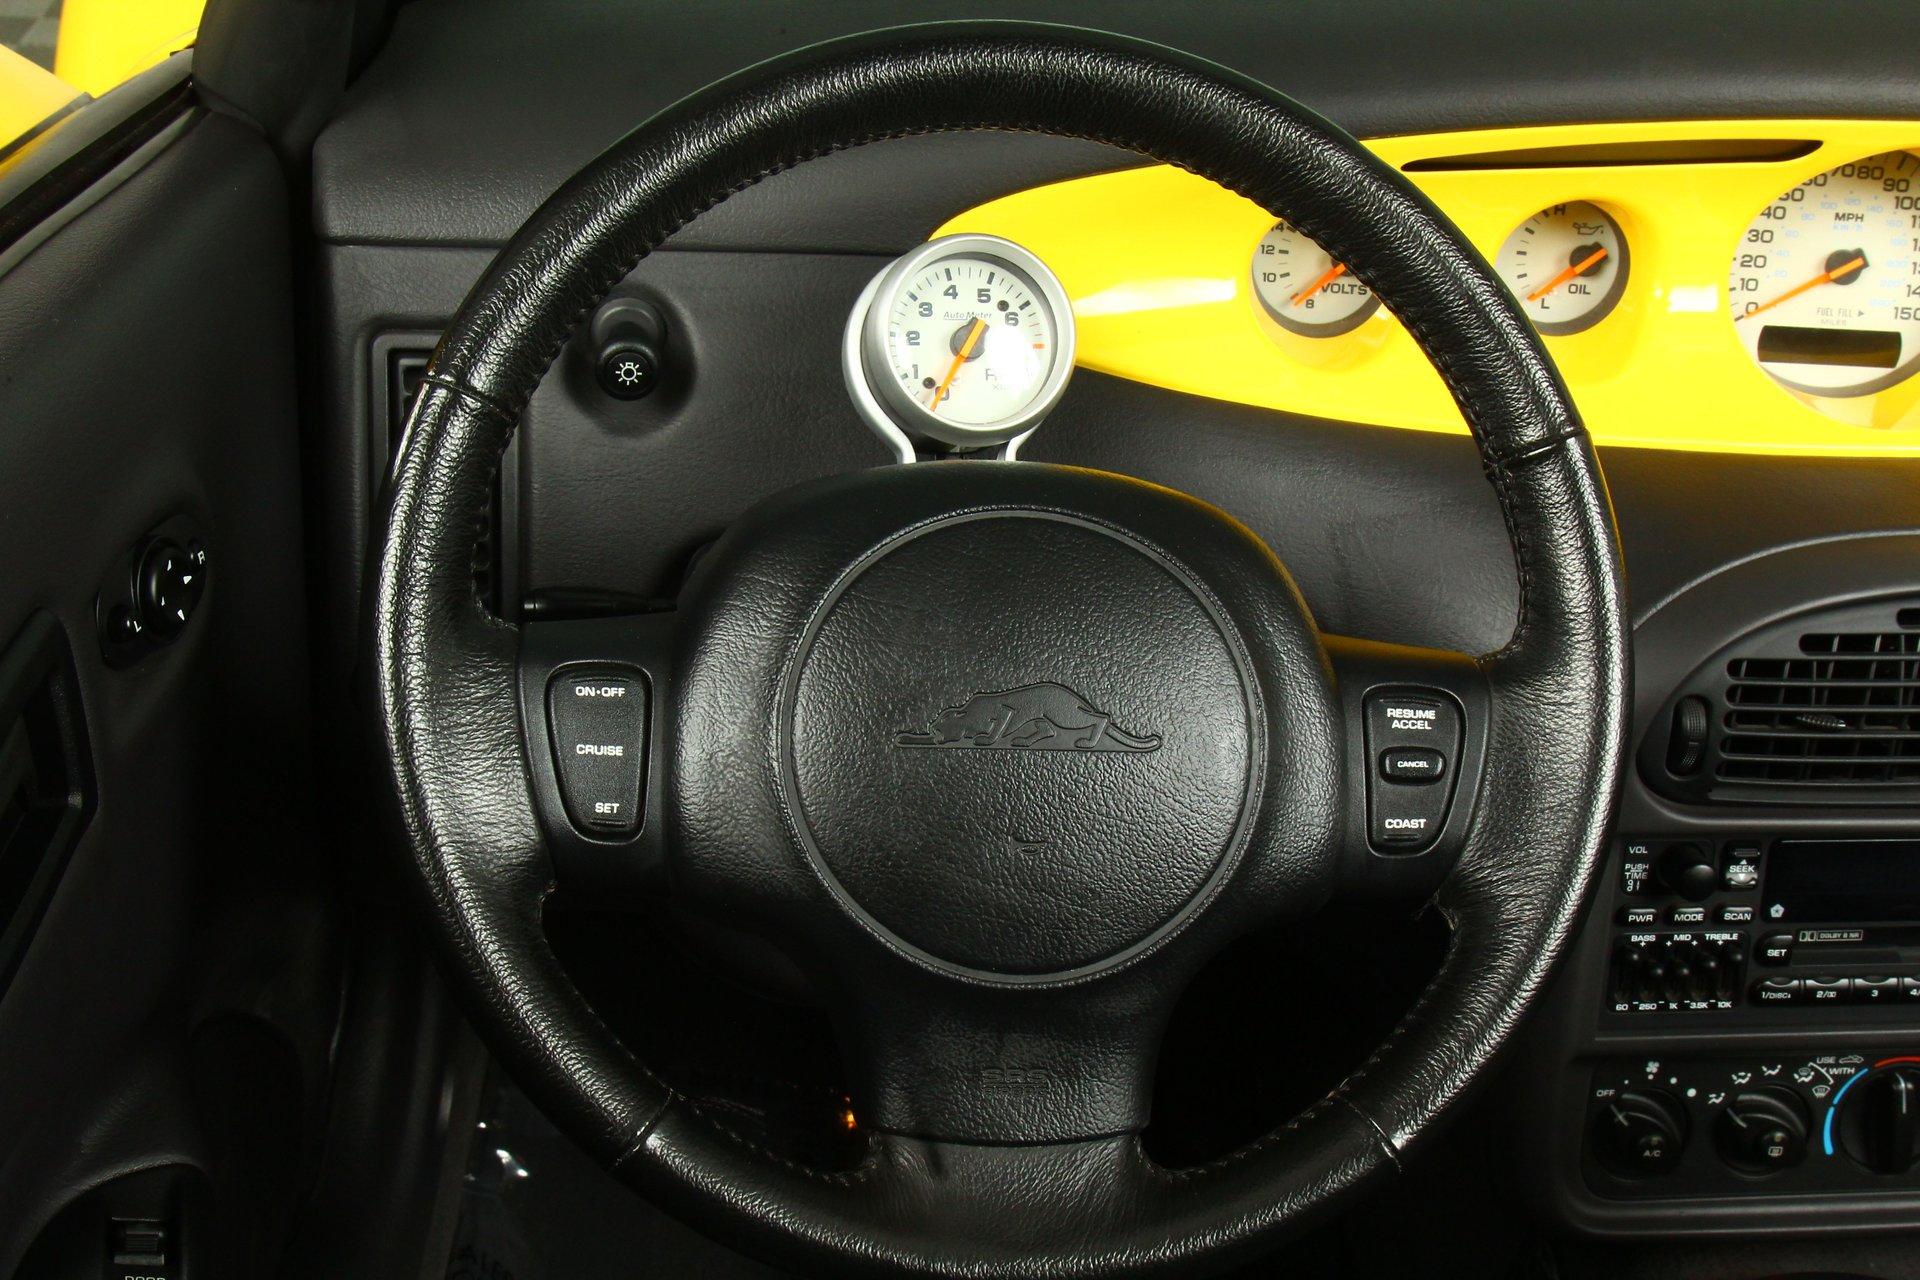 1999 Chrysler Prowler